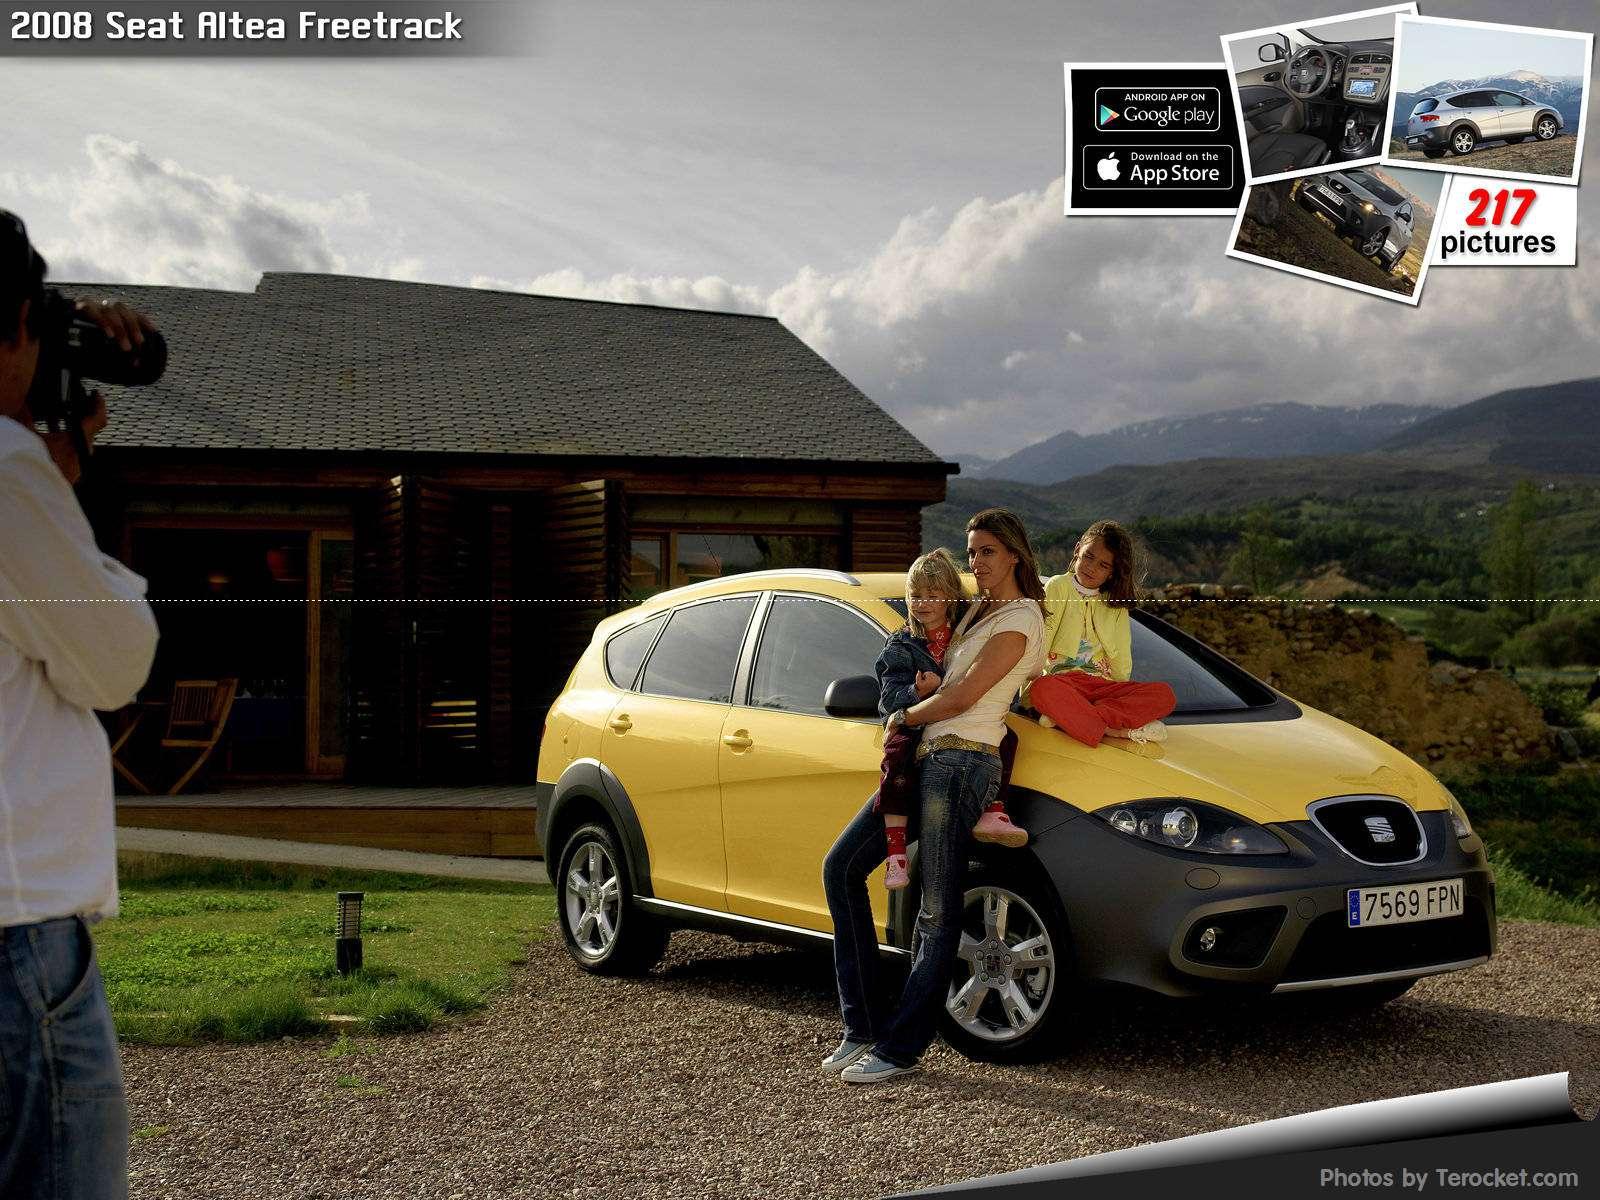 Hình ảnh xe ô tô Seat Altea Freetrack 2008 & nội ngoại thất